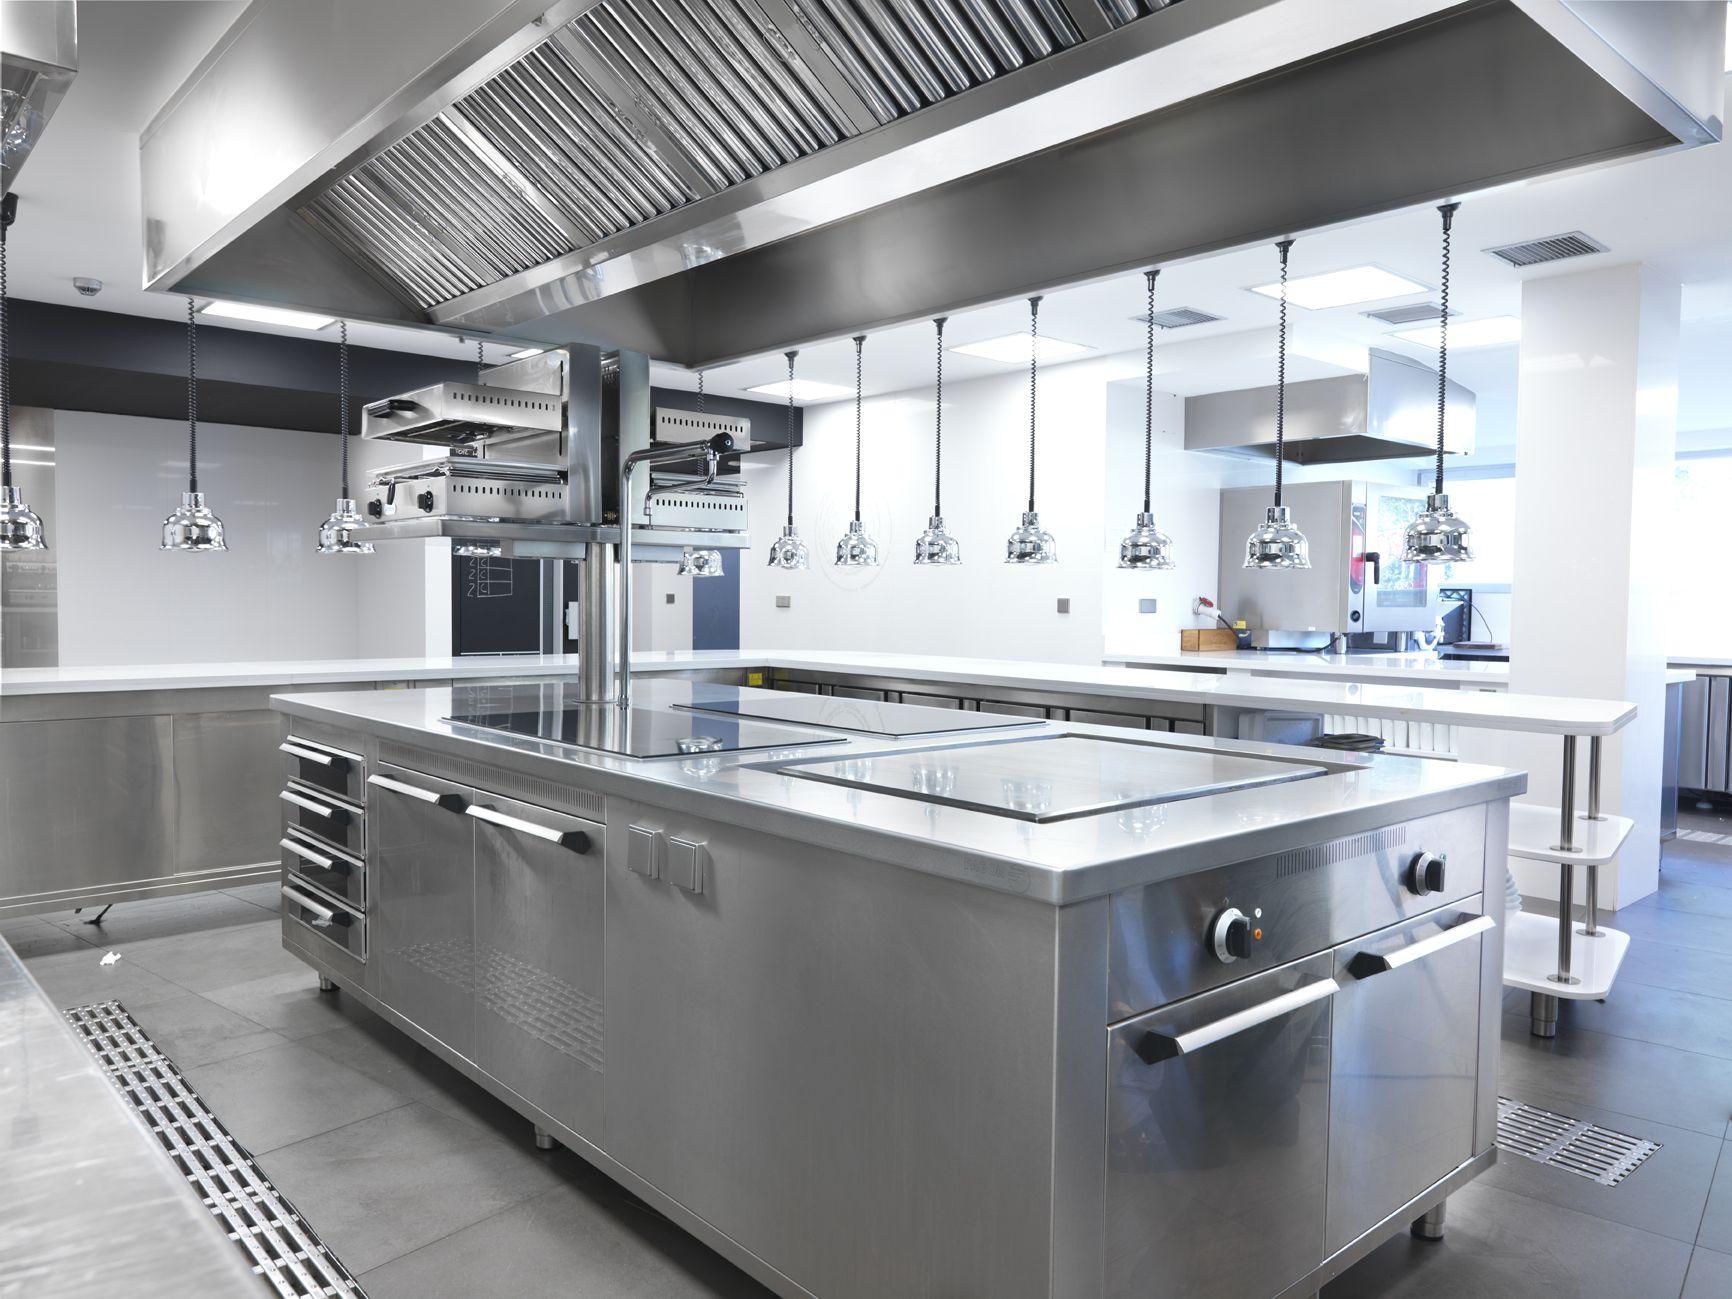 Cocinas industriales | Cocina fácil | Pinterest | Küche